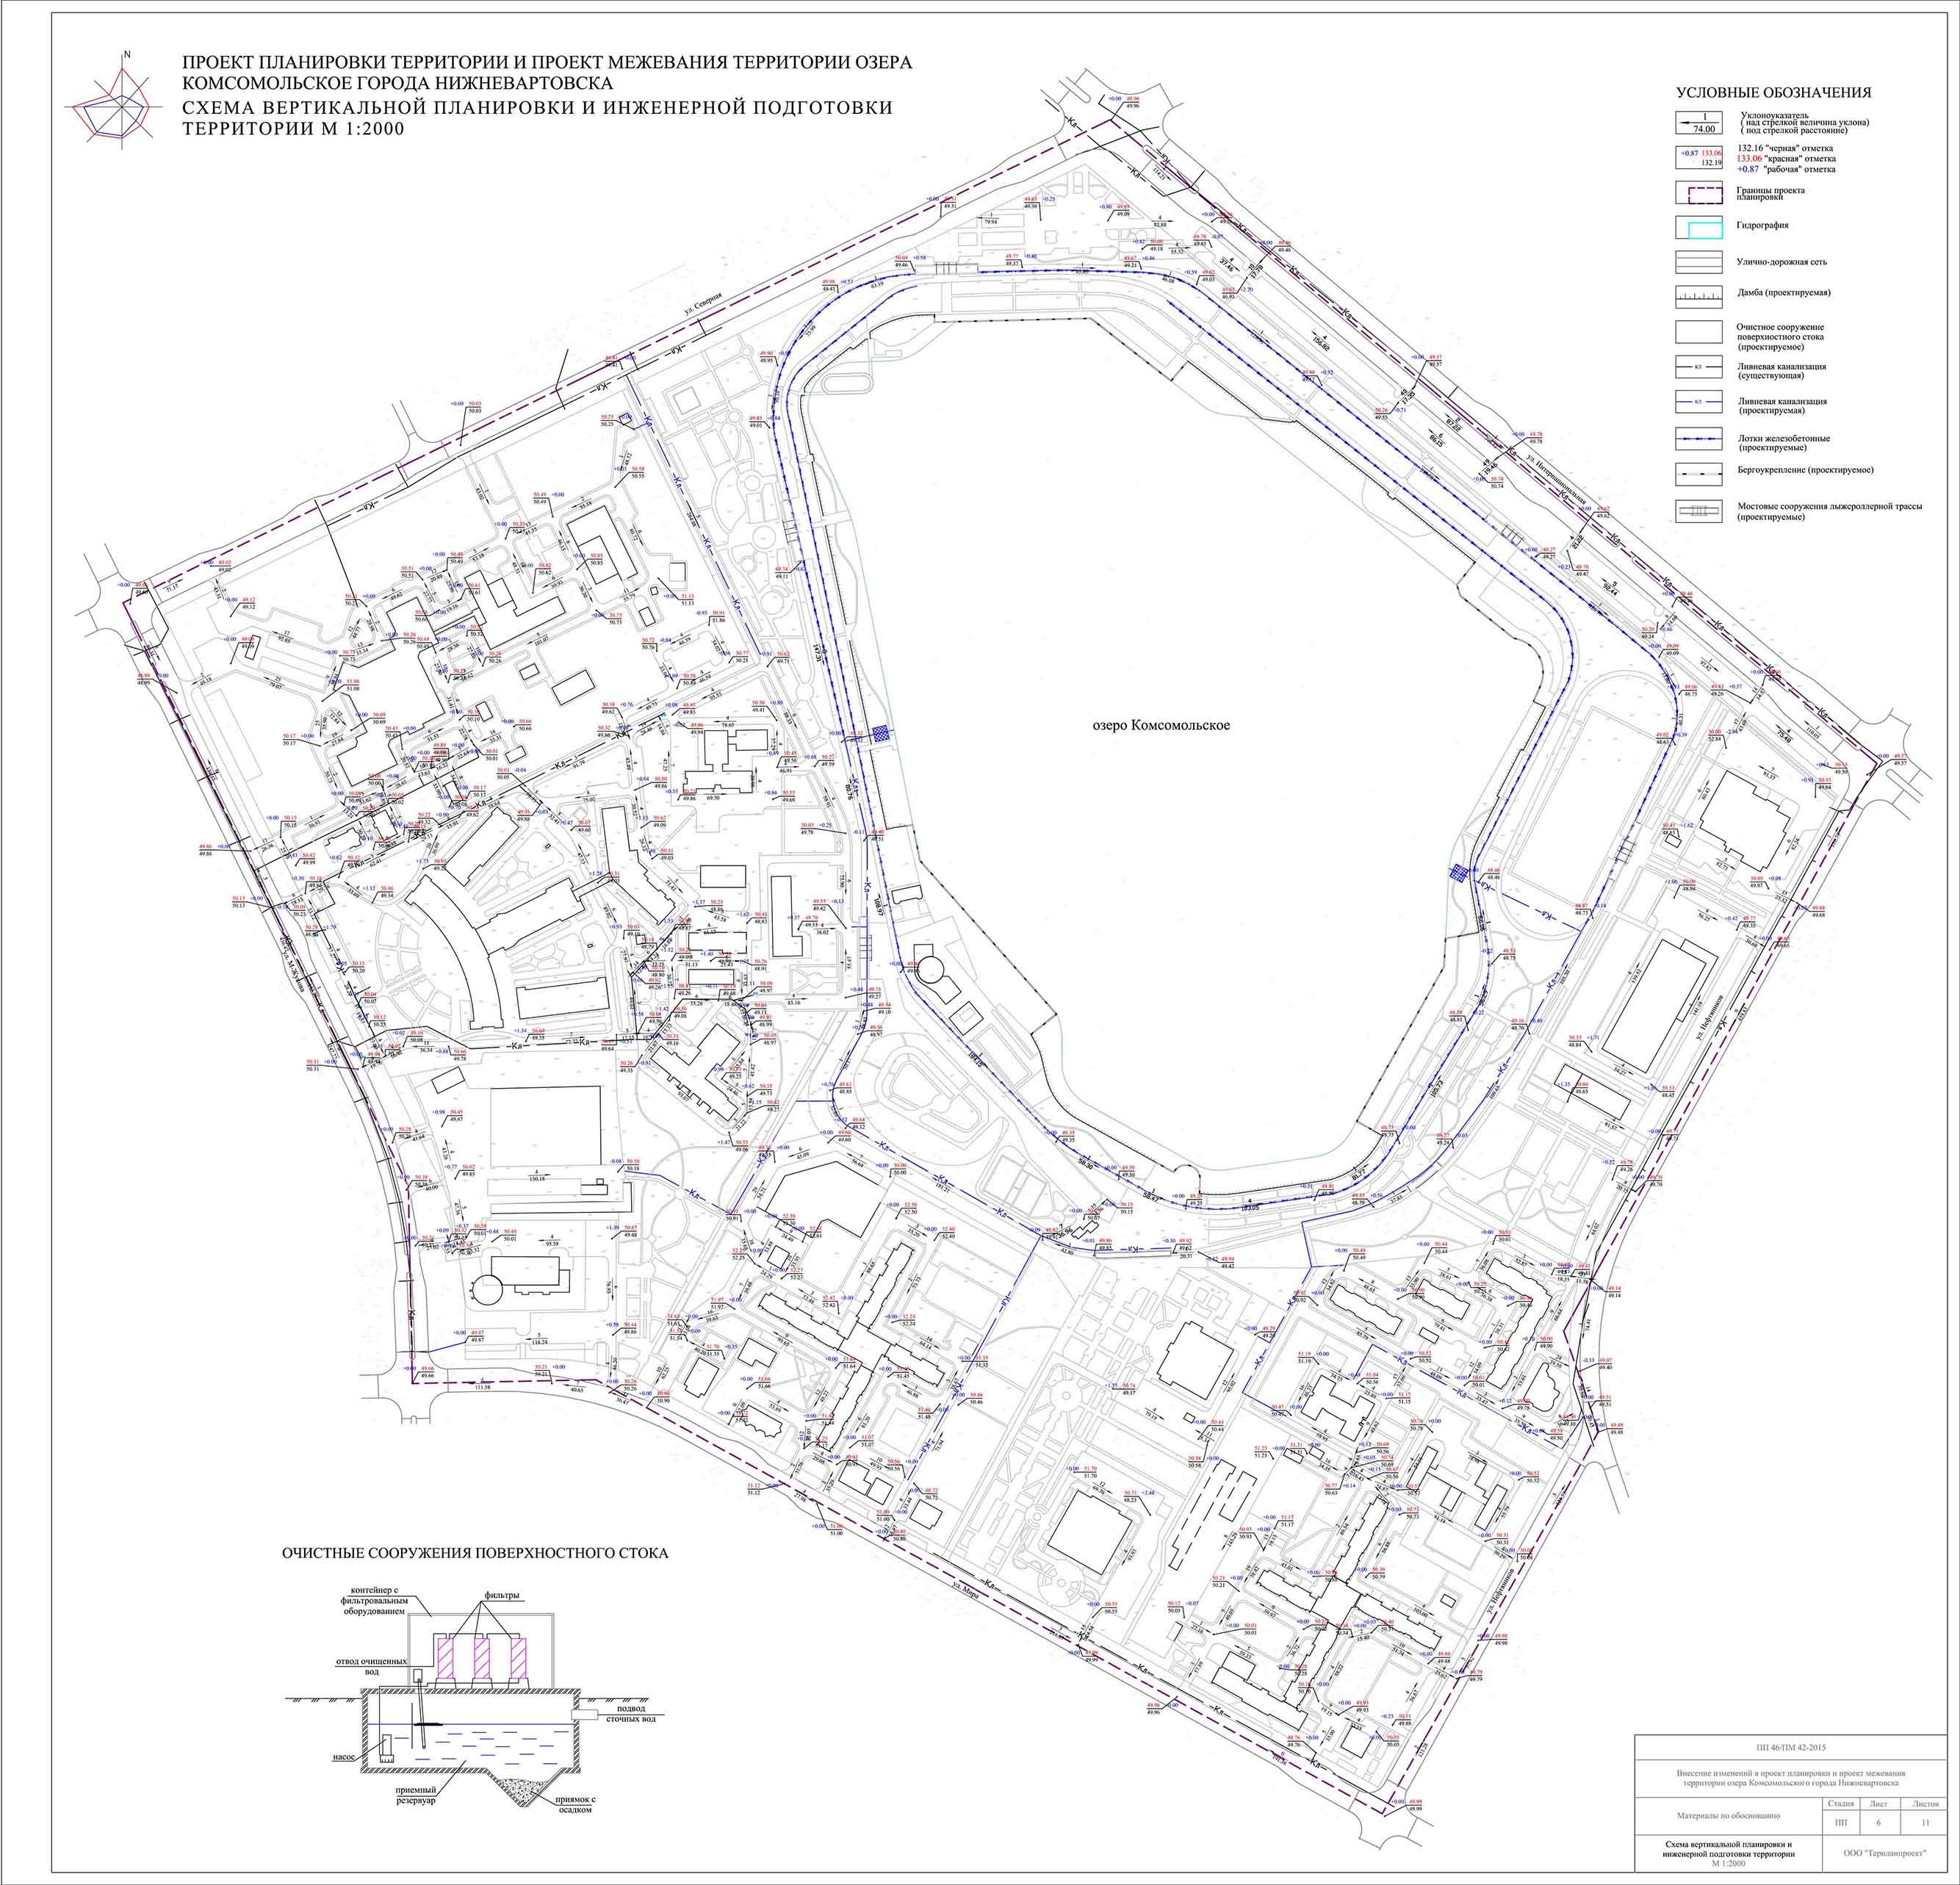 схема инженерной подготовки территории